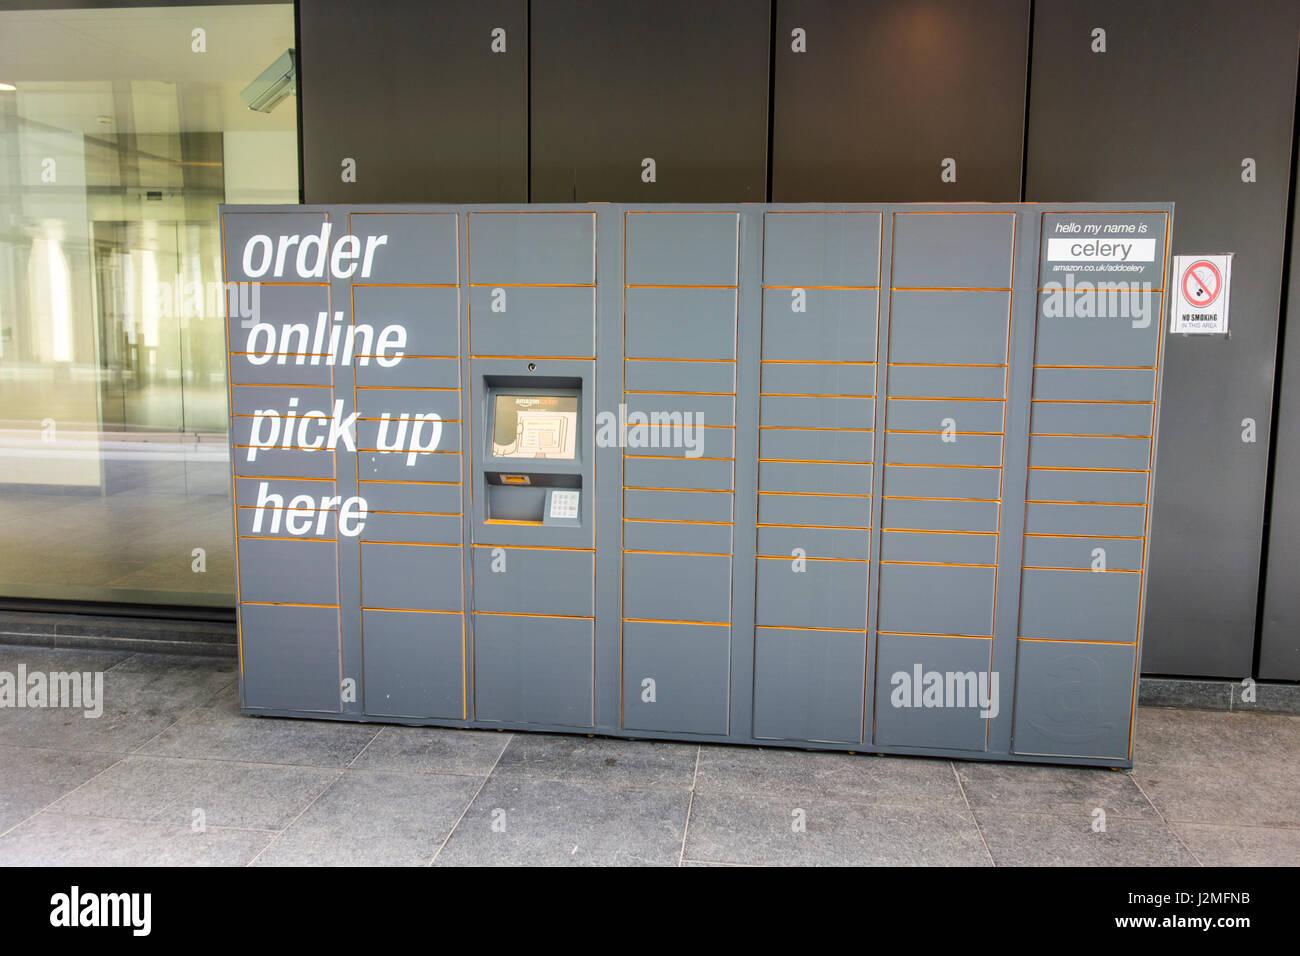 Casillero en el amazonas fuera cerca de edificios de oficinas en Londres para que la gente haga su pedido en línea Imagen De Stock